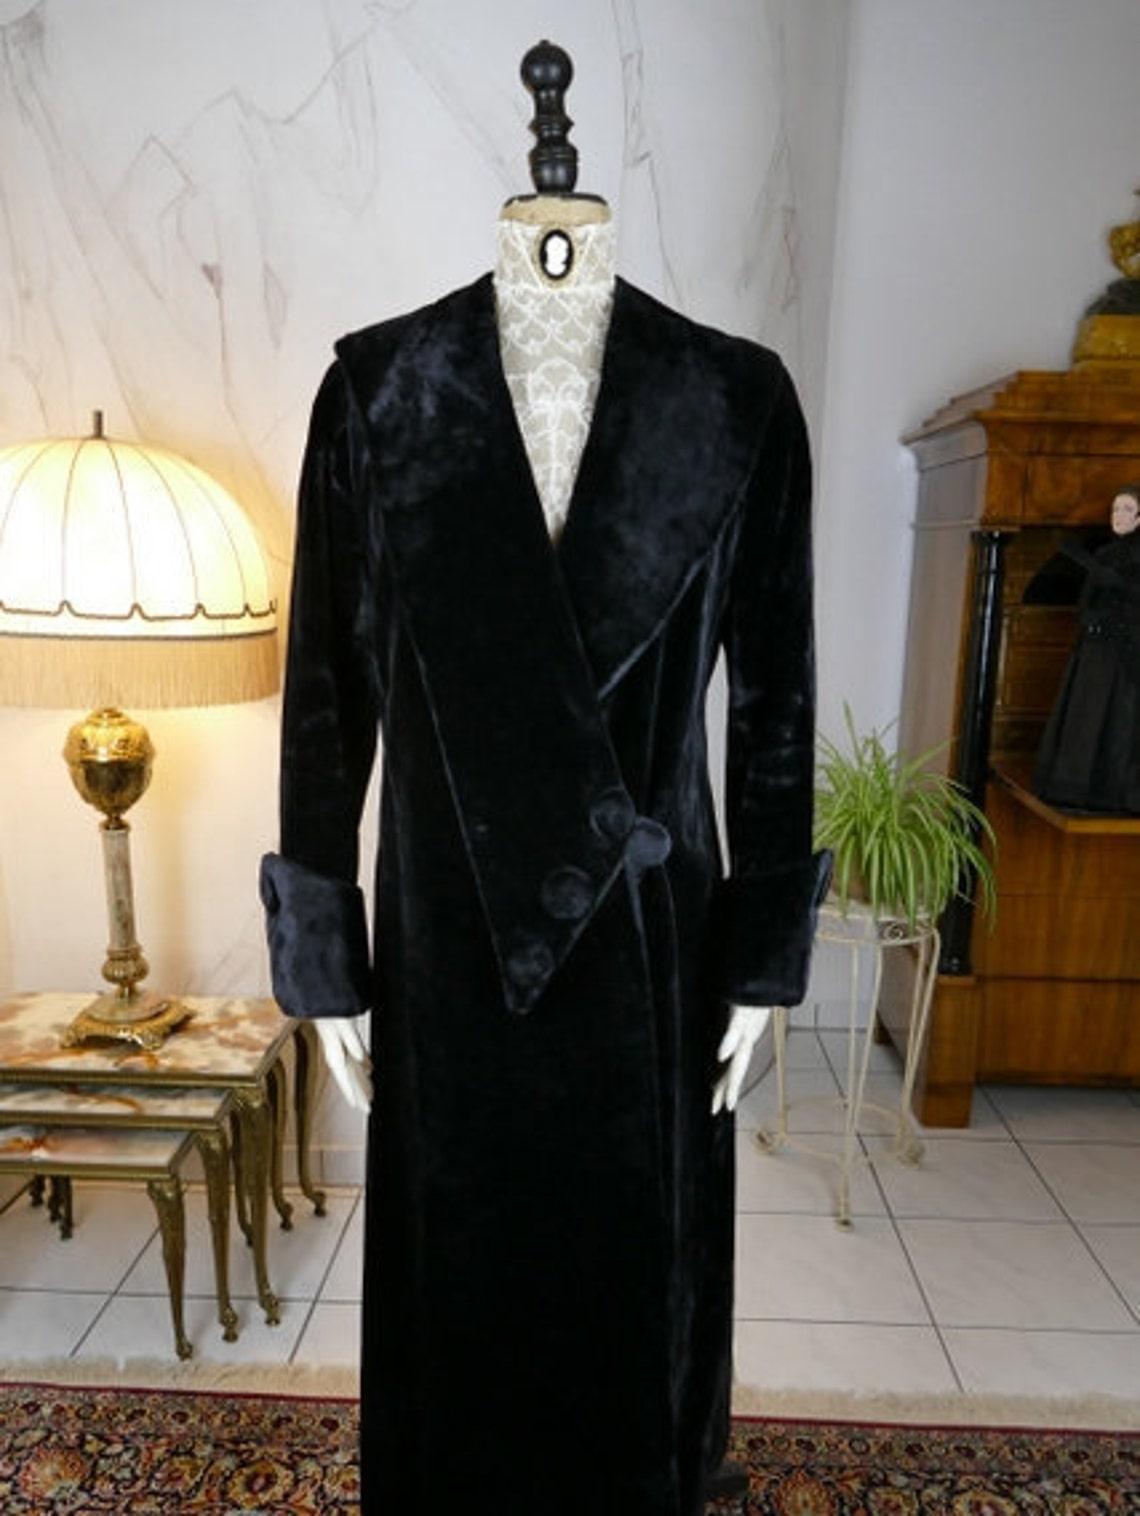 1912 Coat, Titanic Era Antique Edwardian Dress, Gown